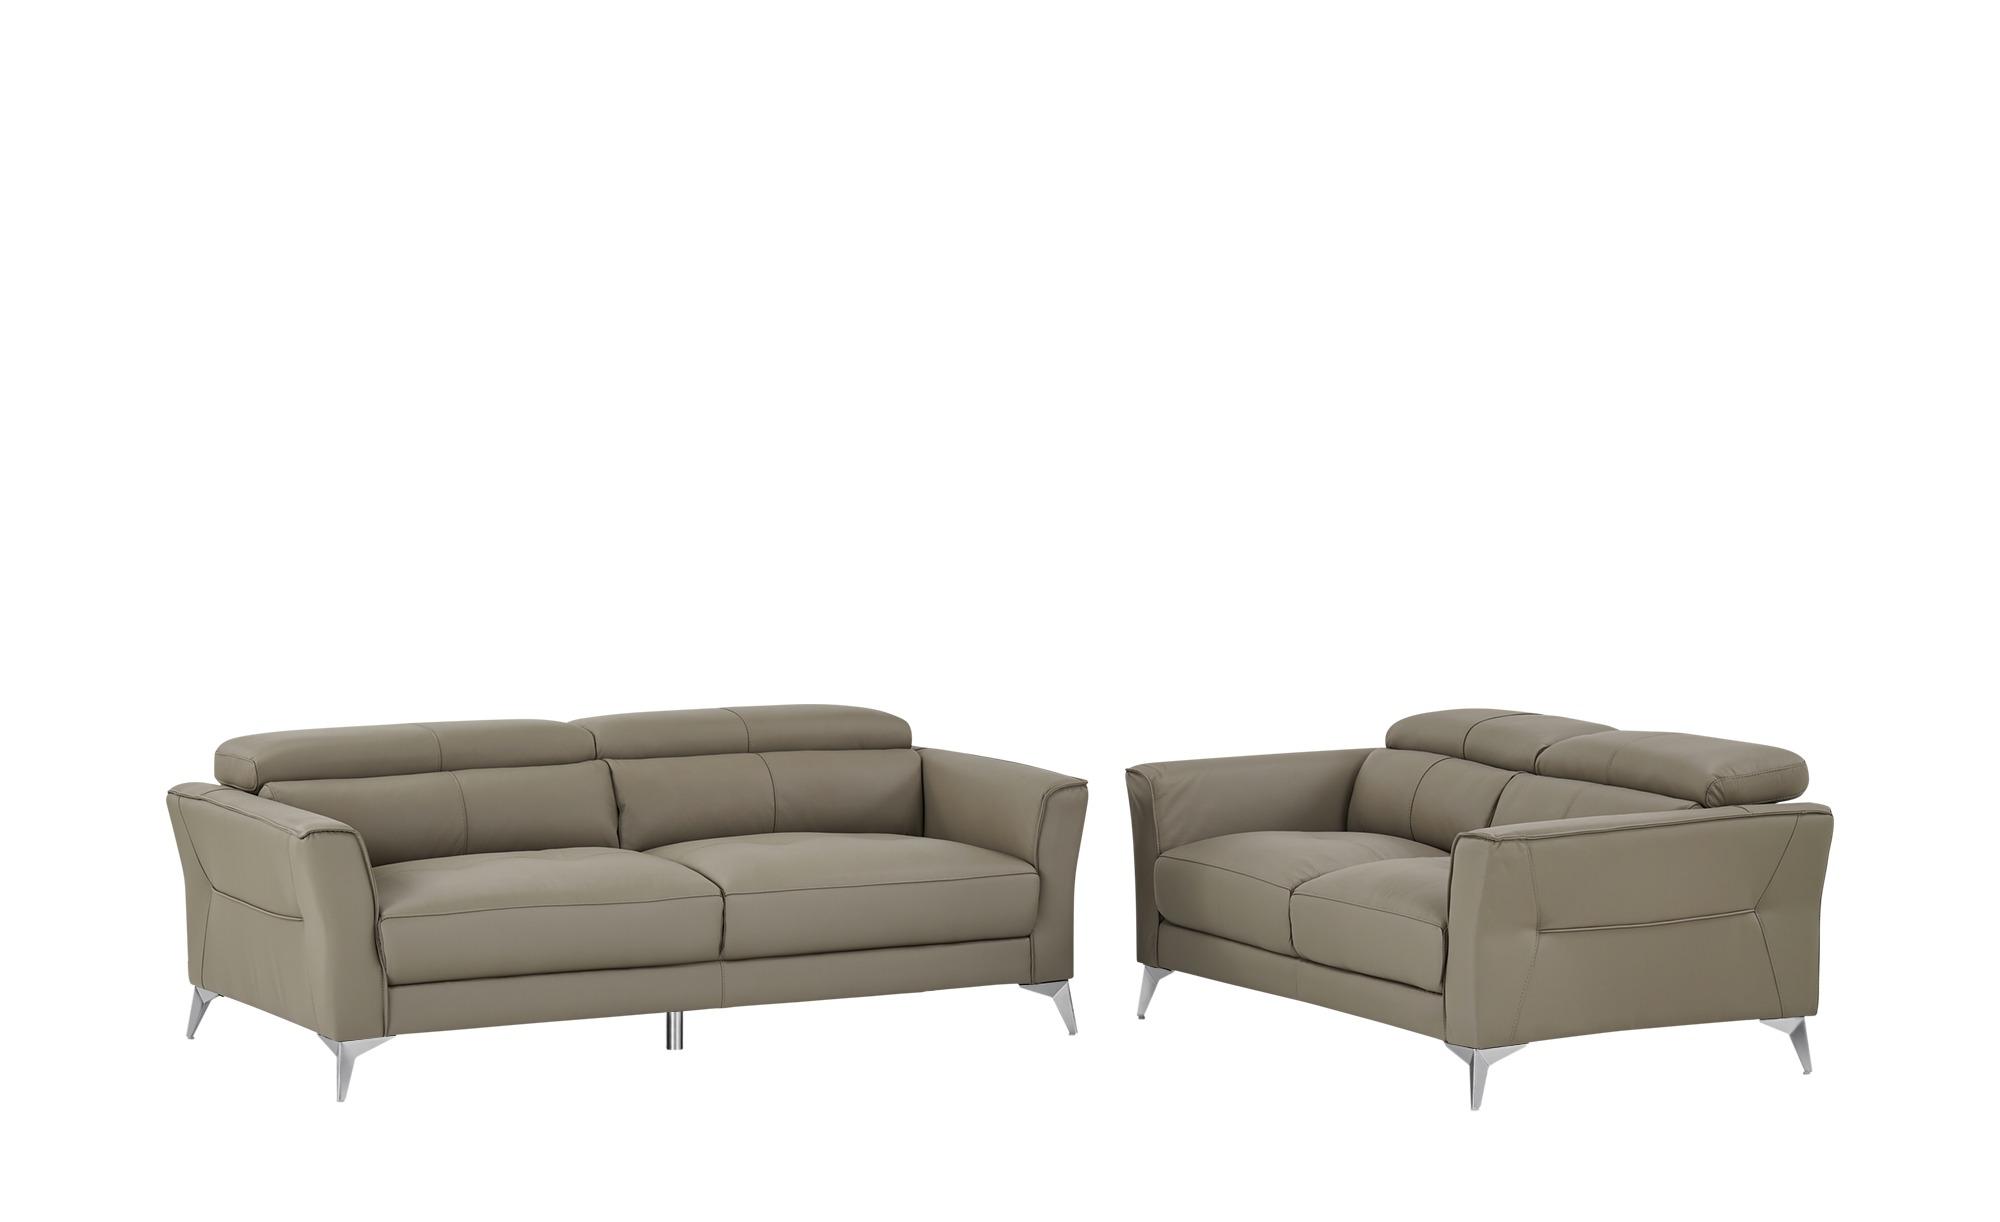 Sitzgruppe  Sophie ¦ grau ¦ Maße (cm): H: 88 T: 102 Polstermöbel > Sofas > Sitzgruppen - Höffner